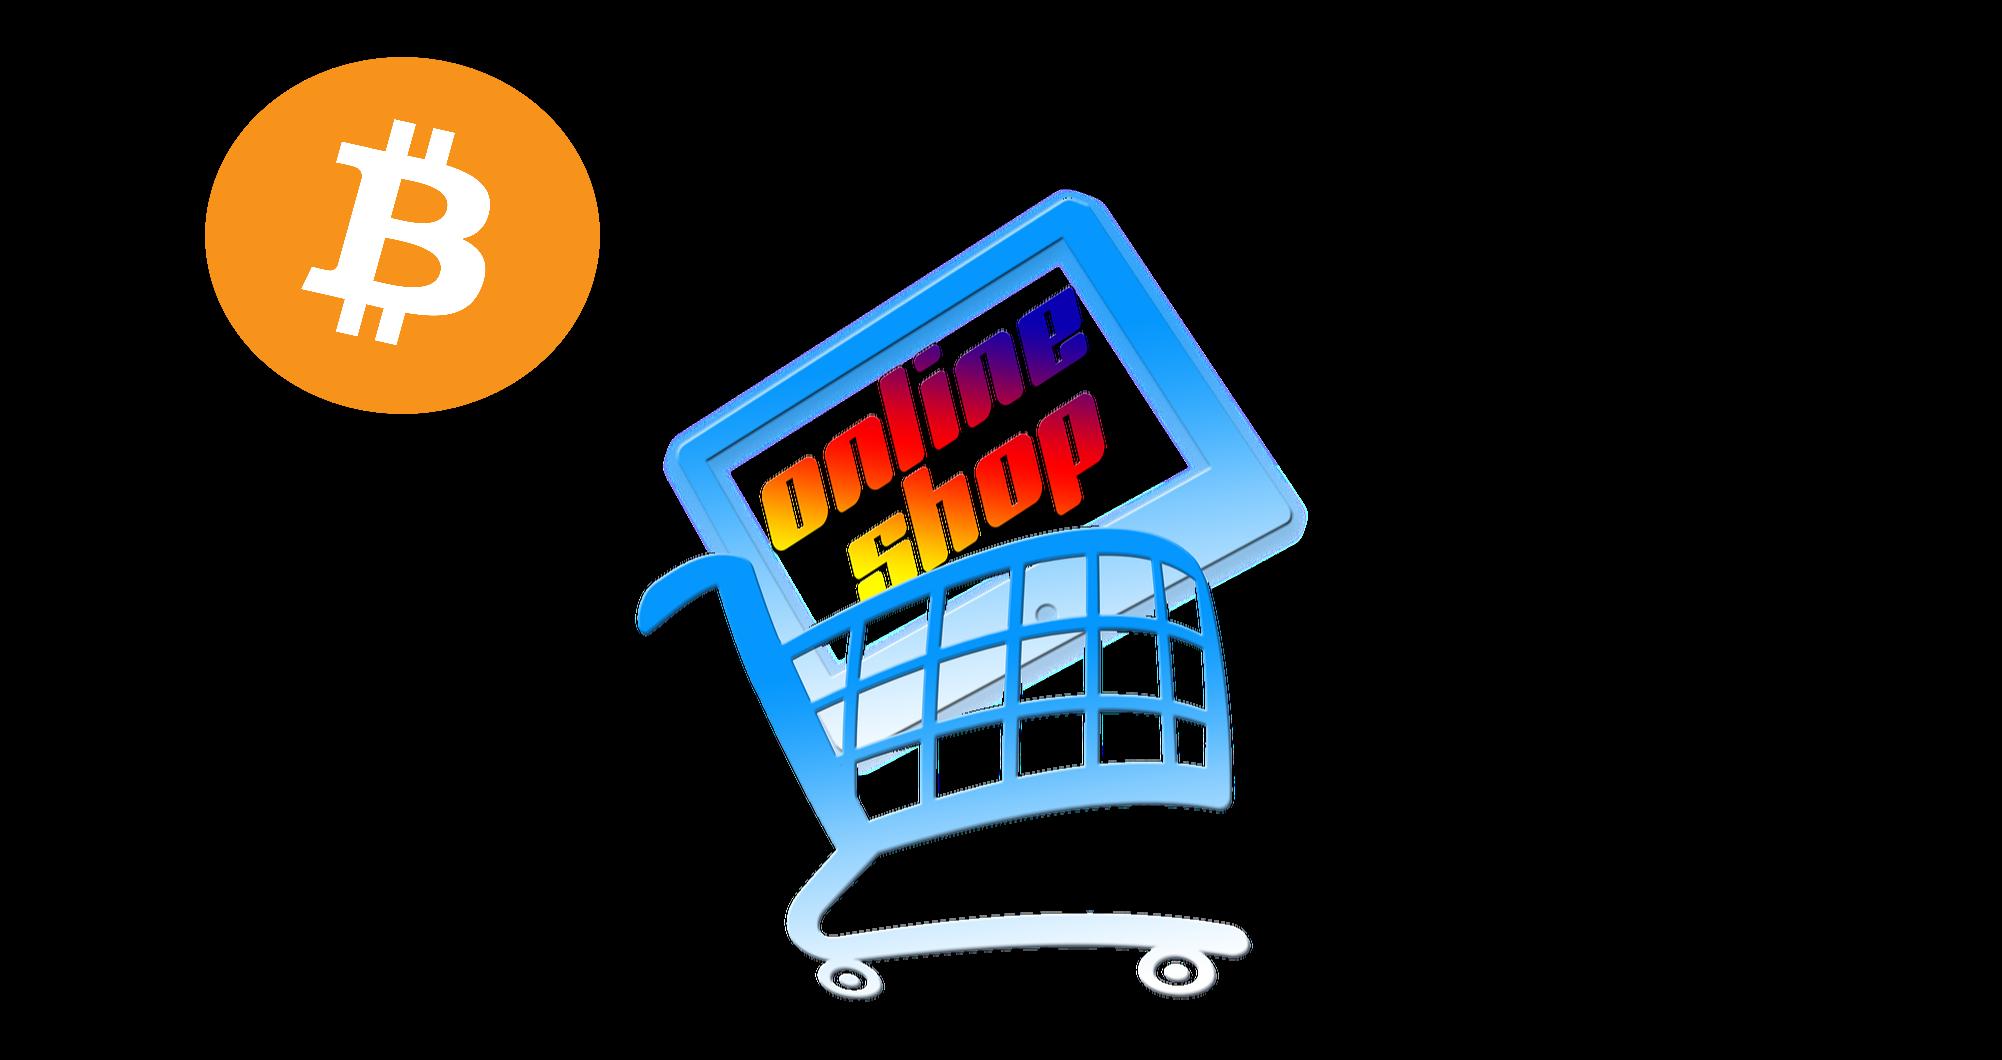 kereset satoshi bitcoin)